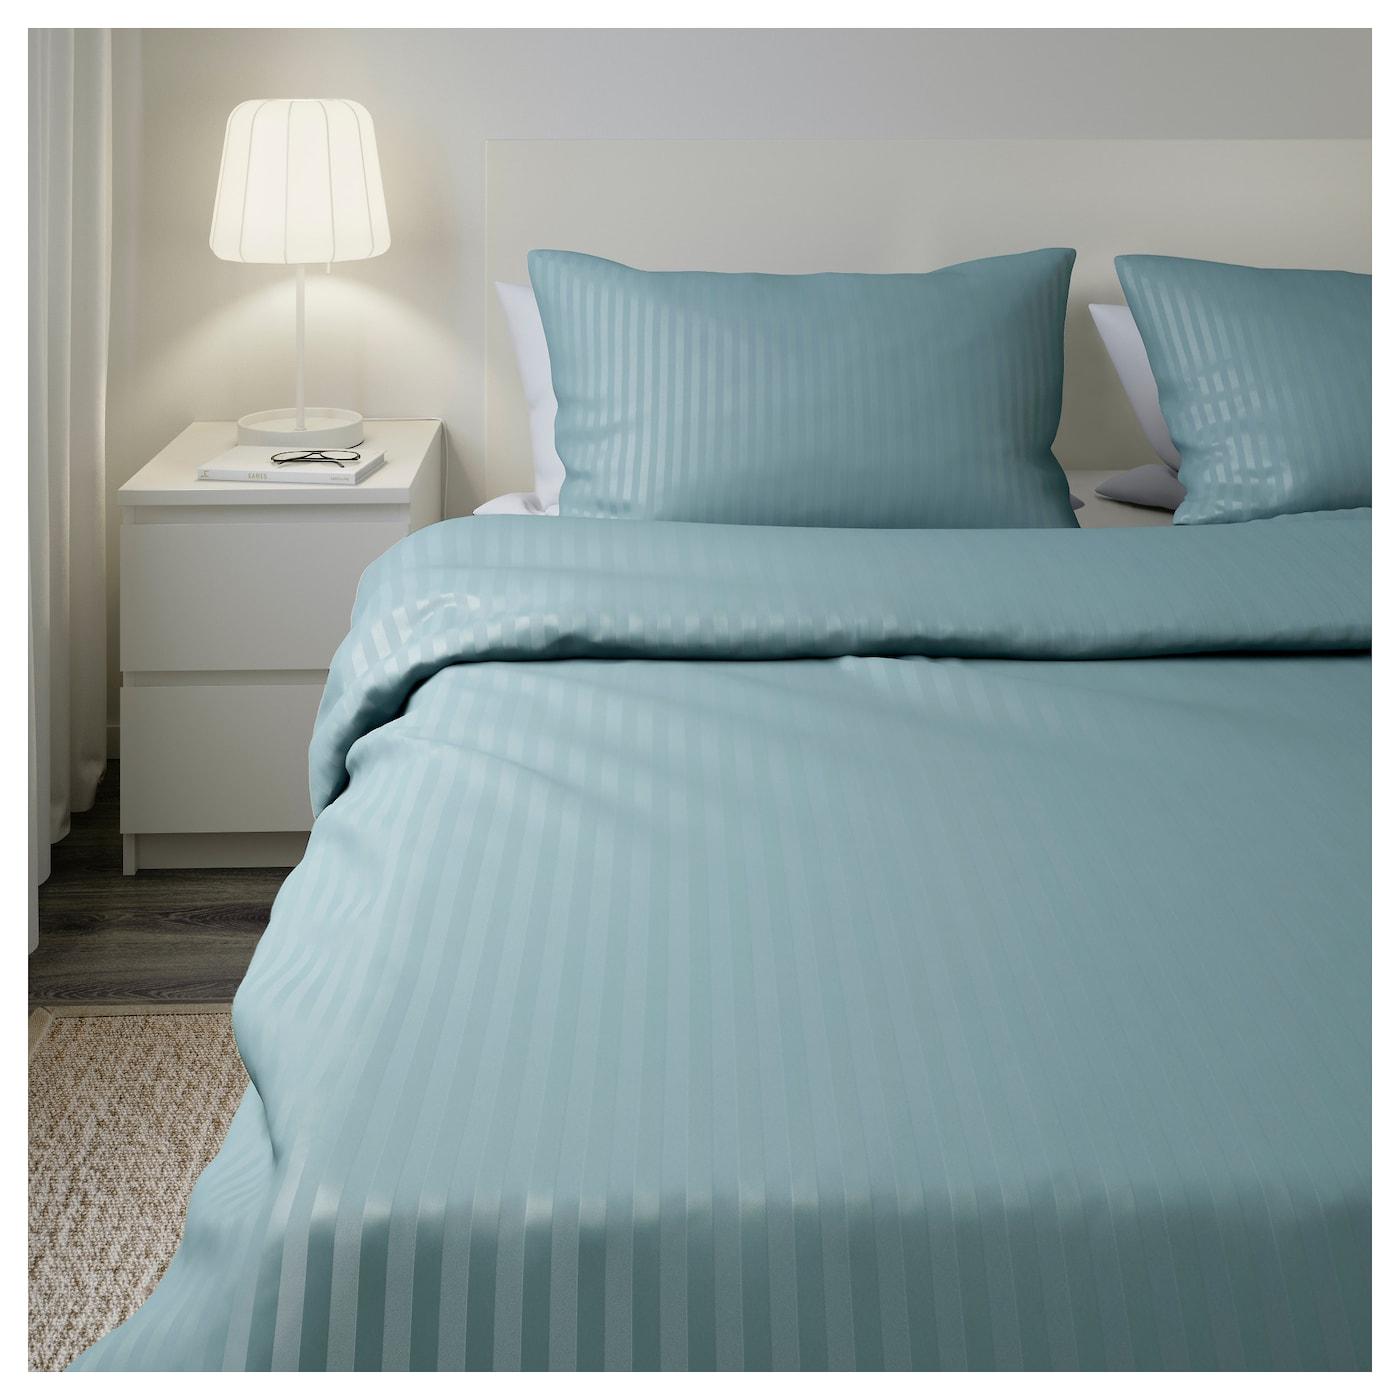 Nattjasmin Housse De Couette Et 2 Taies Bleu 240 X 220 50 X 60 Cm Ikea